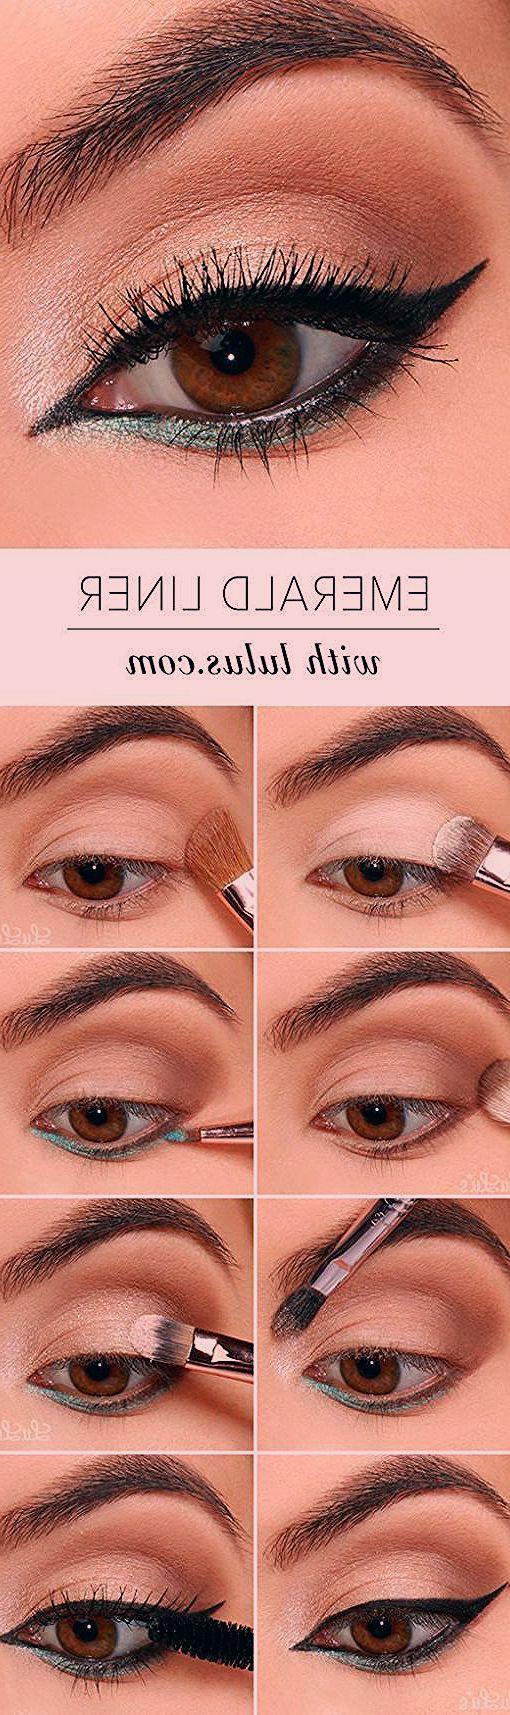 10 einfache, schrittweise Anleitungen für Eyeliner für Anfänger - -